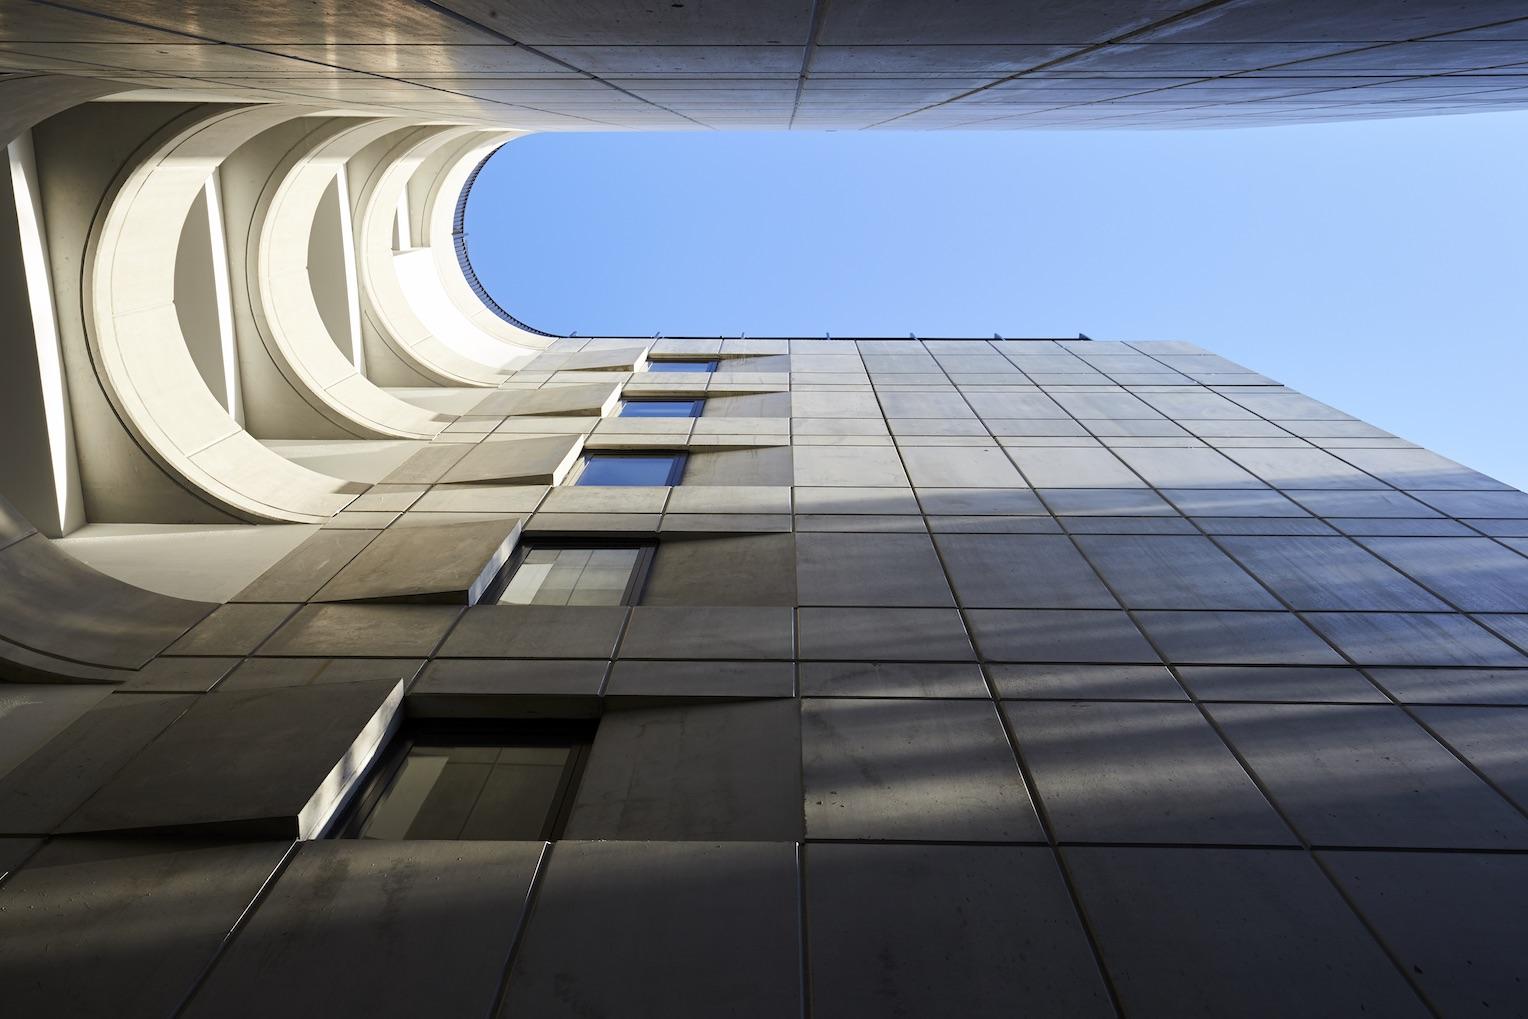 Hero Image 2 - ICONIC concrete facade